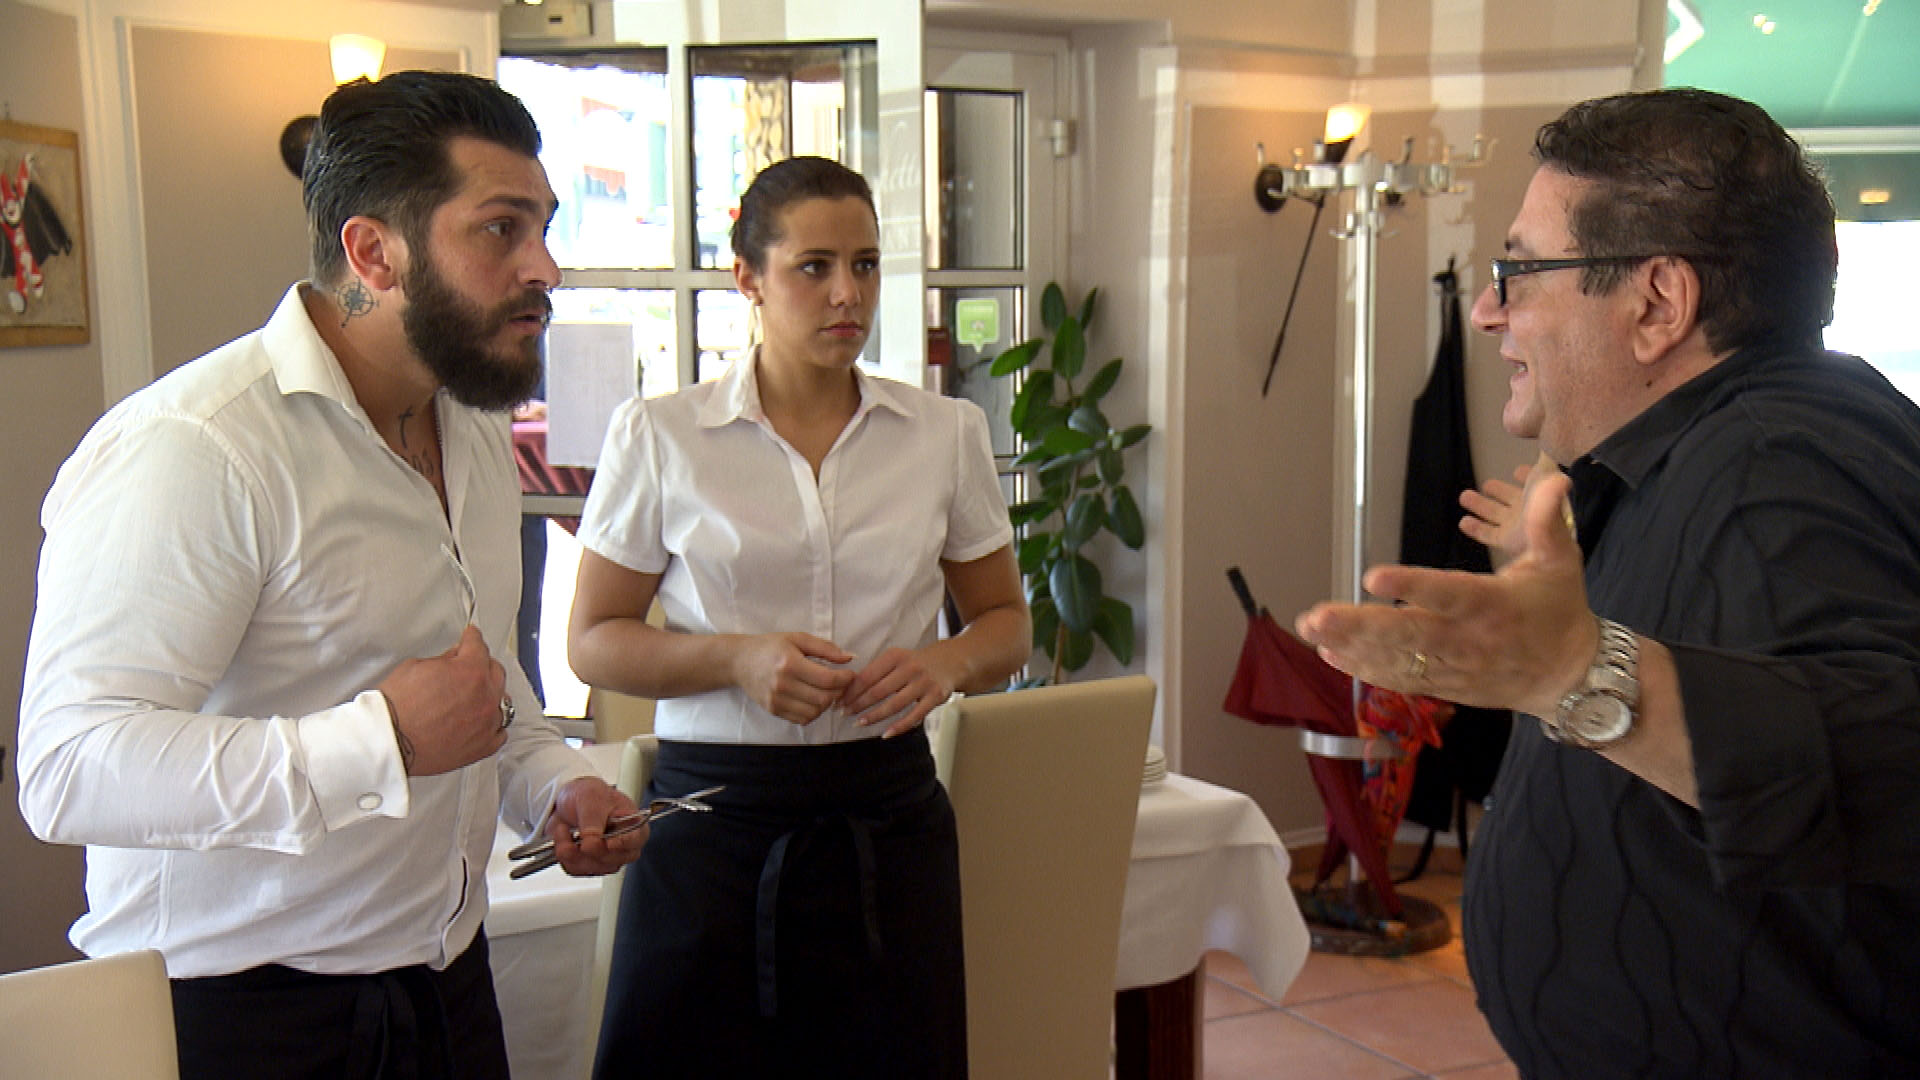 Sophia (mi.) und Bruno (li.) verstehen sich bei der Arbeit im Restaurant gut, als Francesco (re.) reinplatzt und Bruno des Diebstahls beschuldigt. (Quelle: RTL 2)